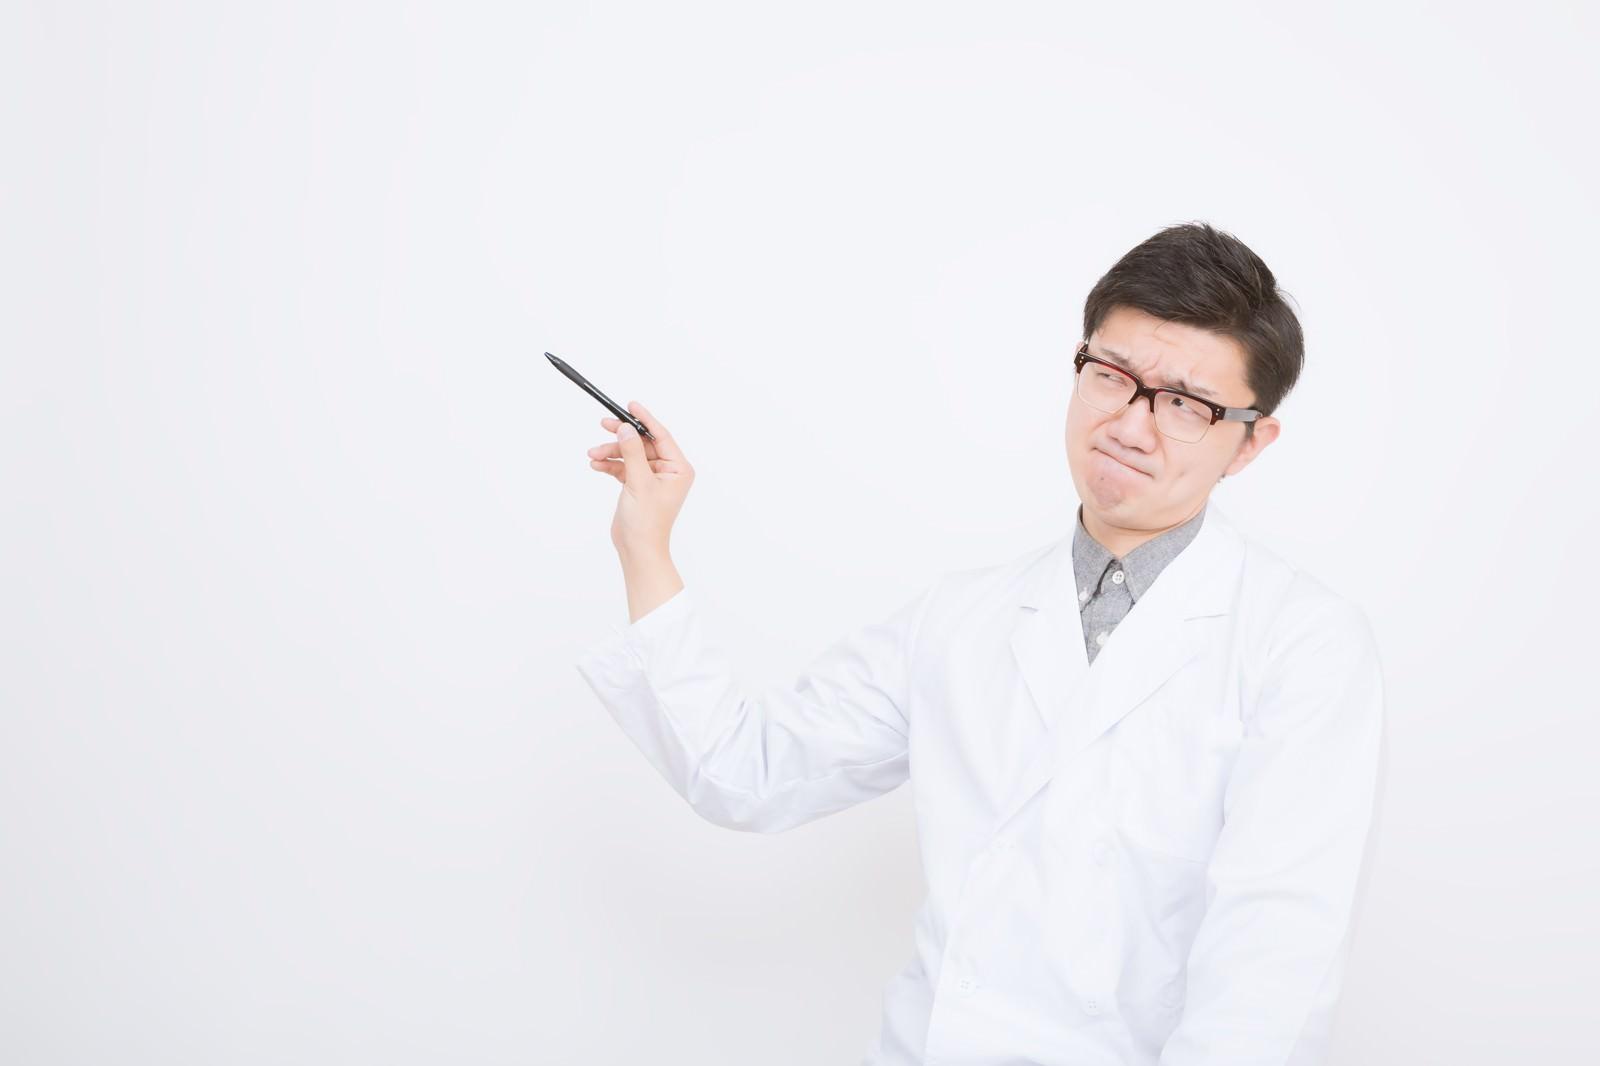 ここを改善したい」と険しい表情でカンファレンスする医師